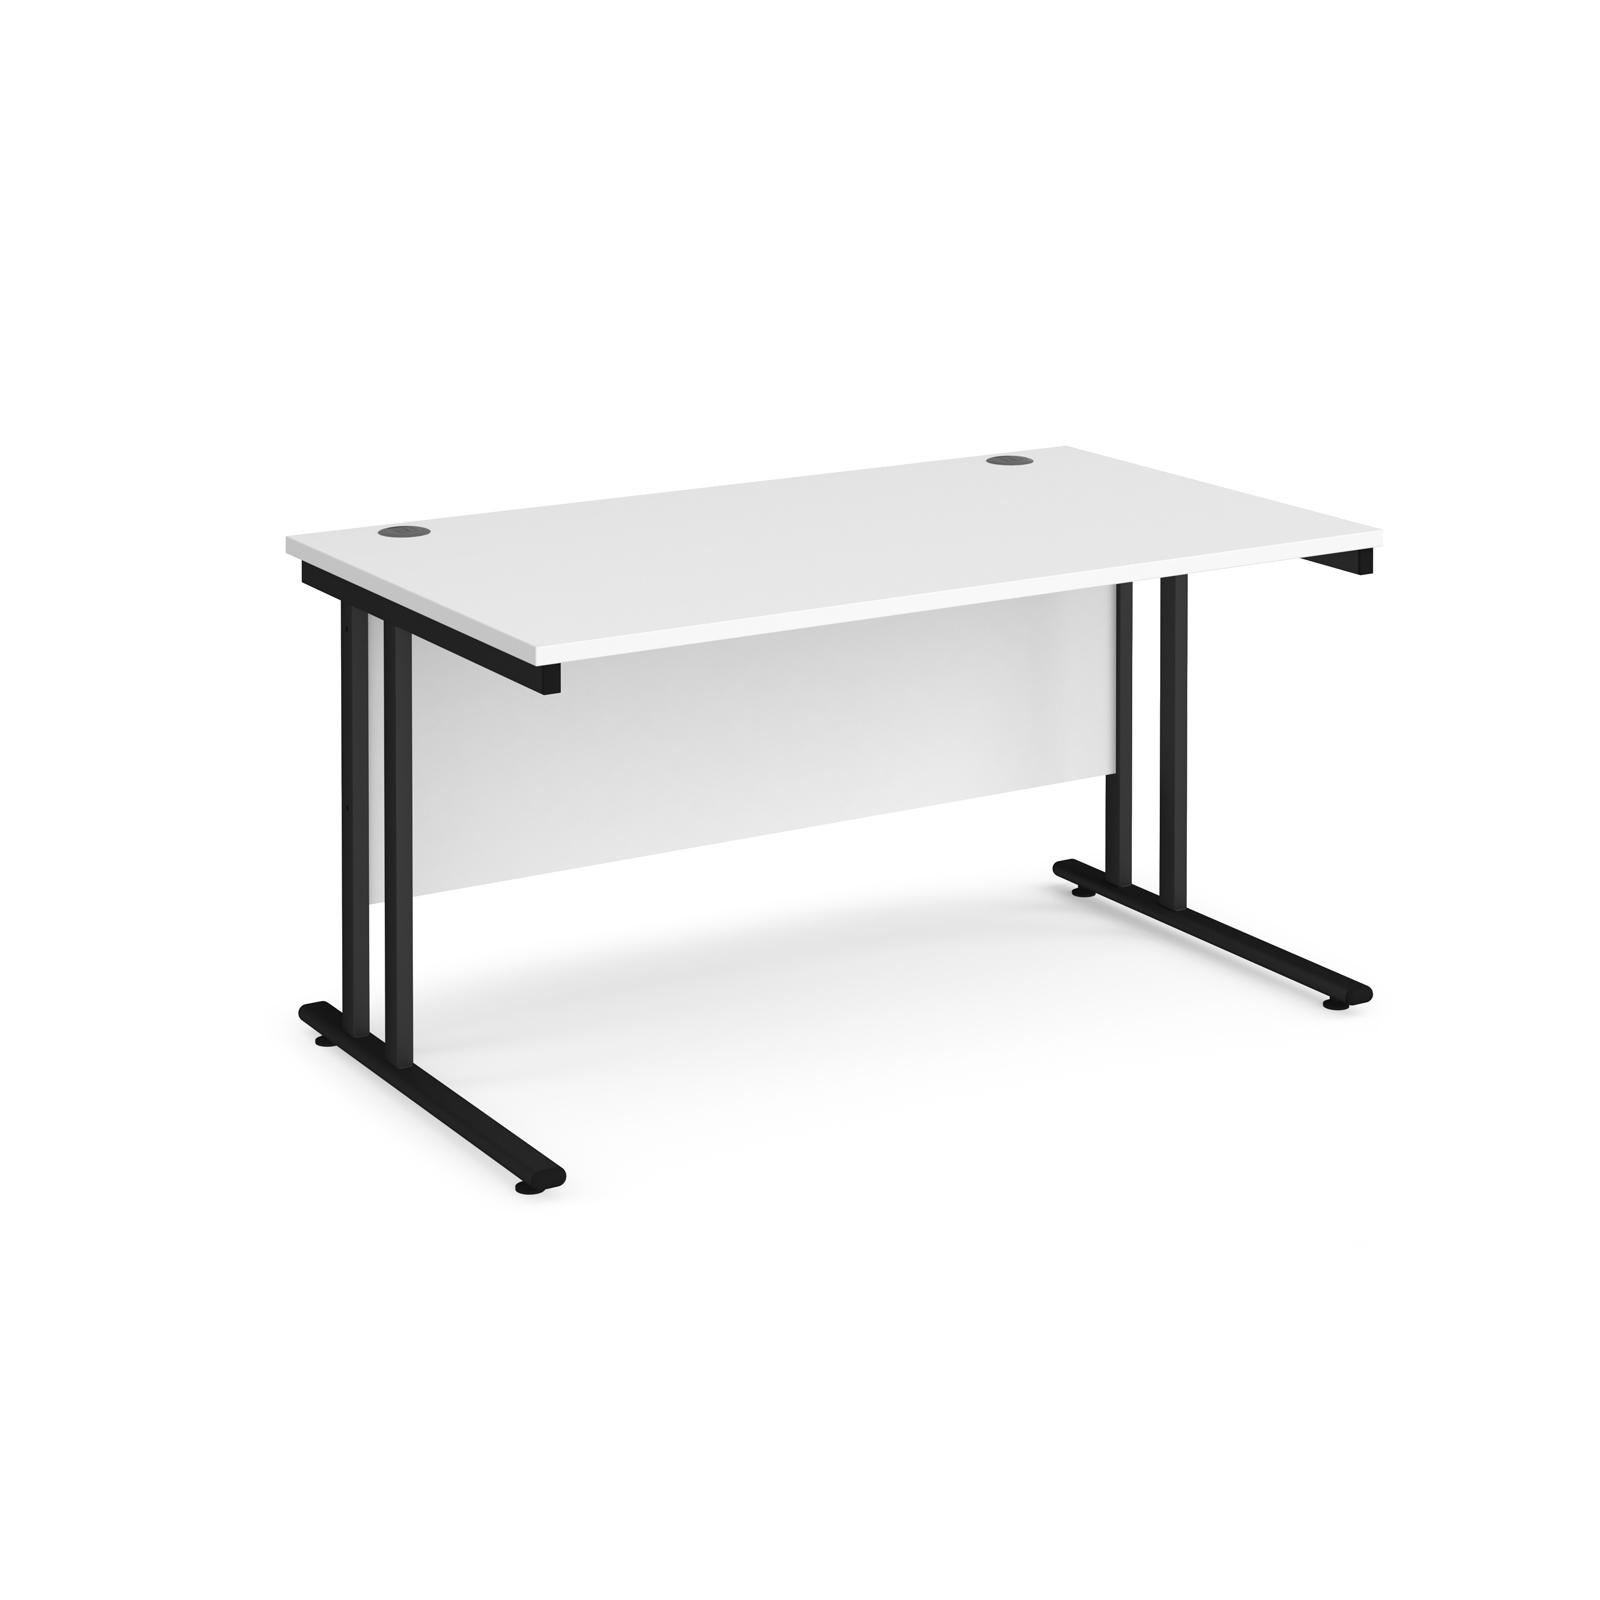 Rectangular Desks Maestro 25 straight desk 1400mm x 800mm - black cantilever leg frame, white top